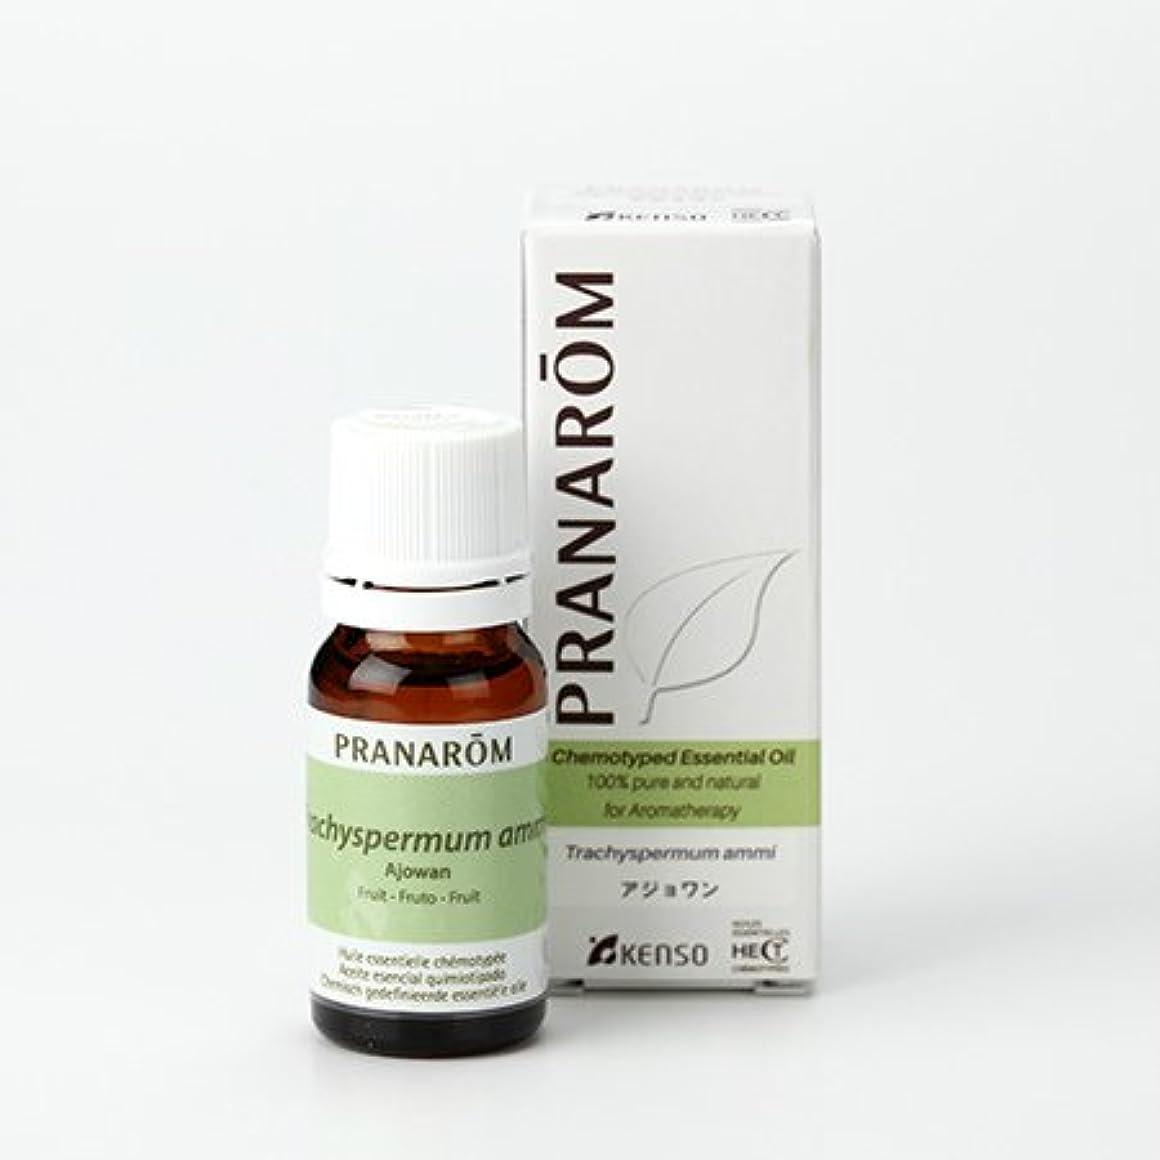 恥クランプサーキュレーションプラナロム アジョワン 10ml (PRANAROM ケモタイプ精油)